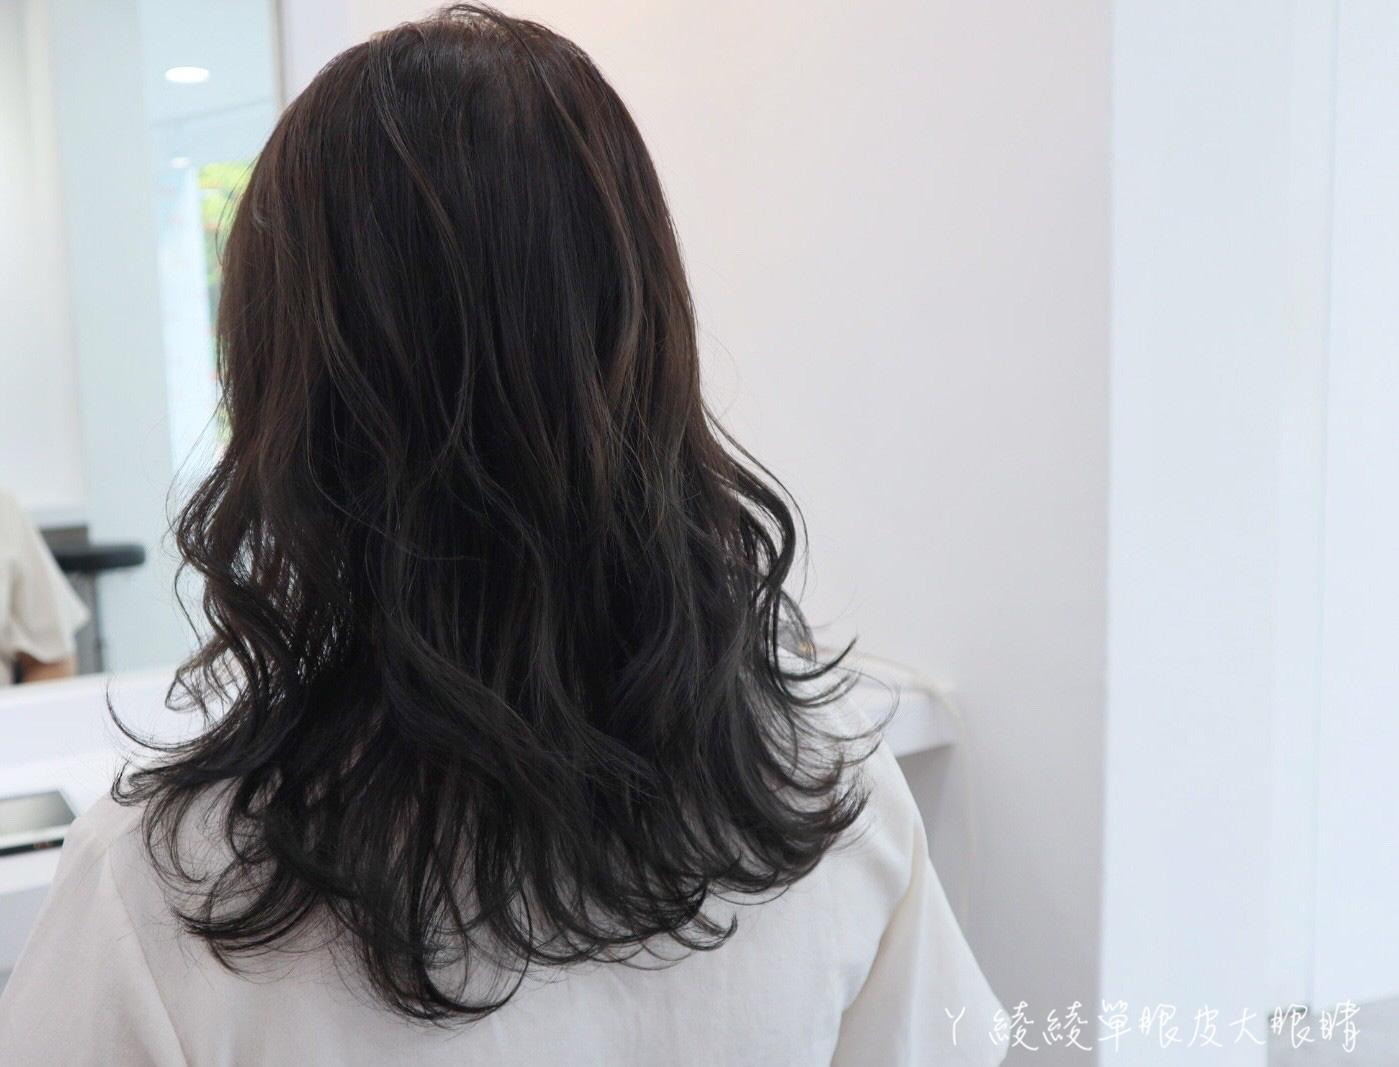 新竹髮廊推薦Sieg Hair Salon!新開幕超美日系質感髮廊,GOOGLE評價近五顆星